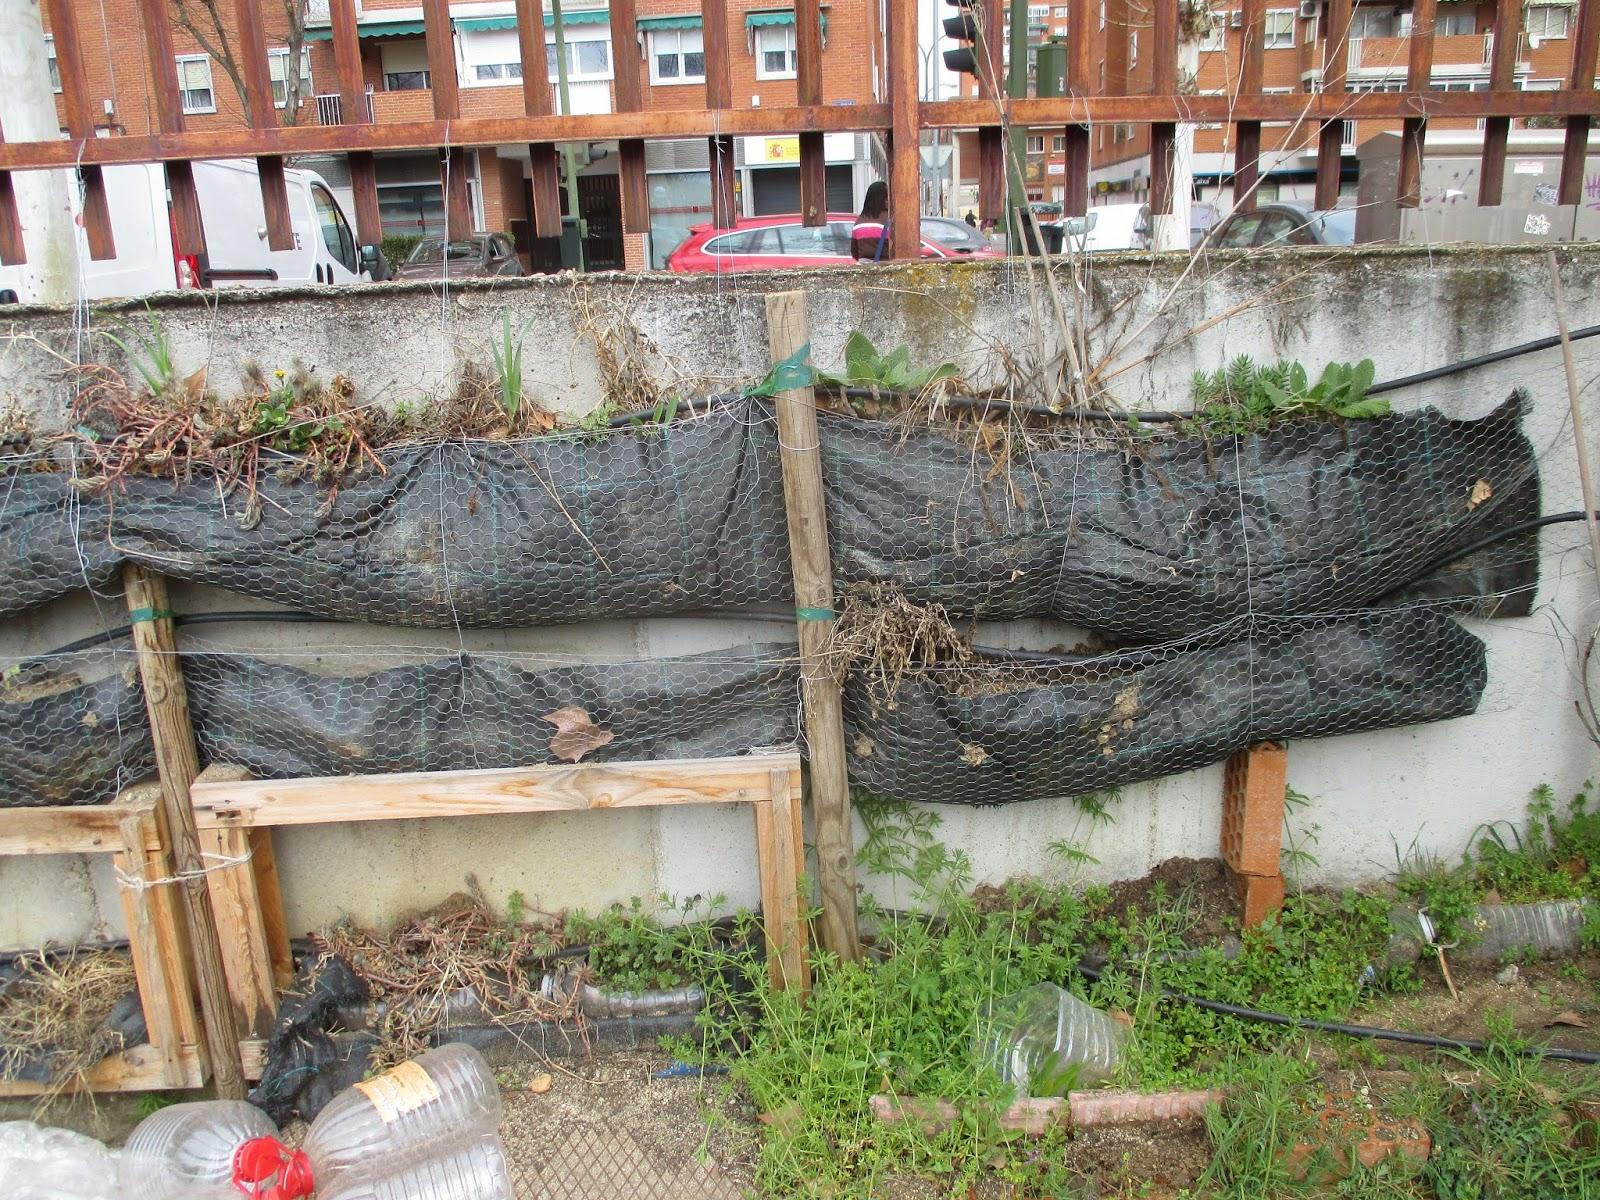 En torno al huerto varias formas de montar un huerto - Huerto de urbano ...